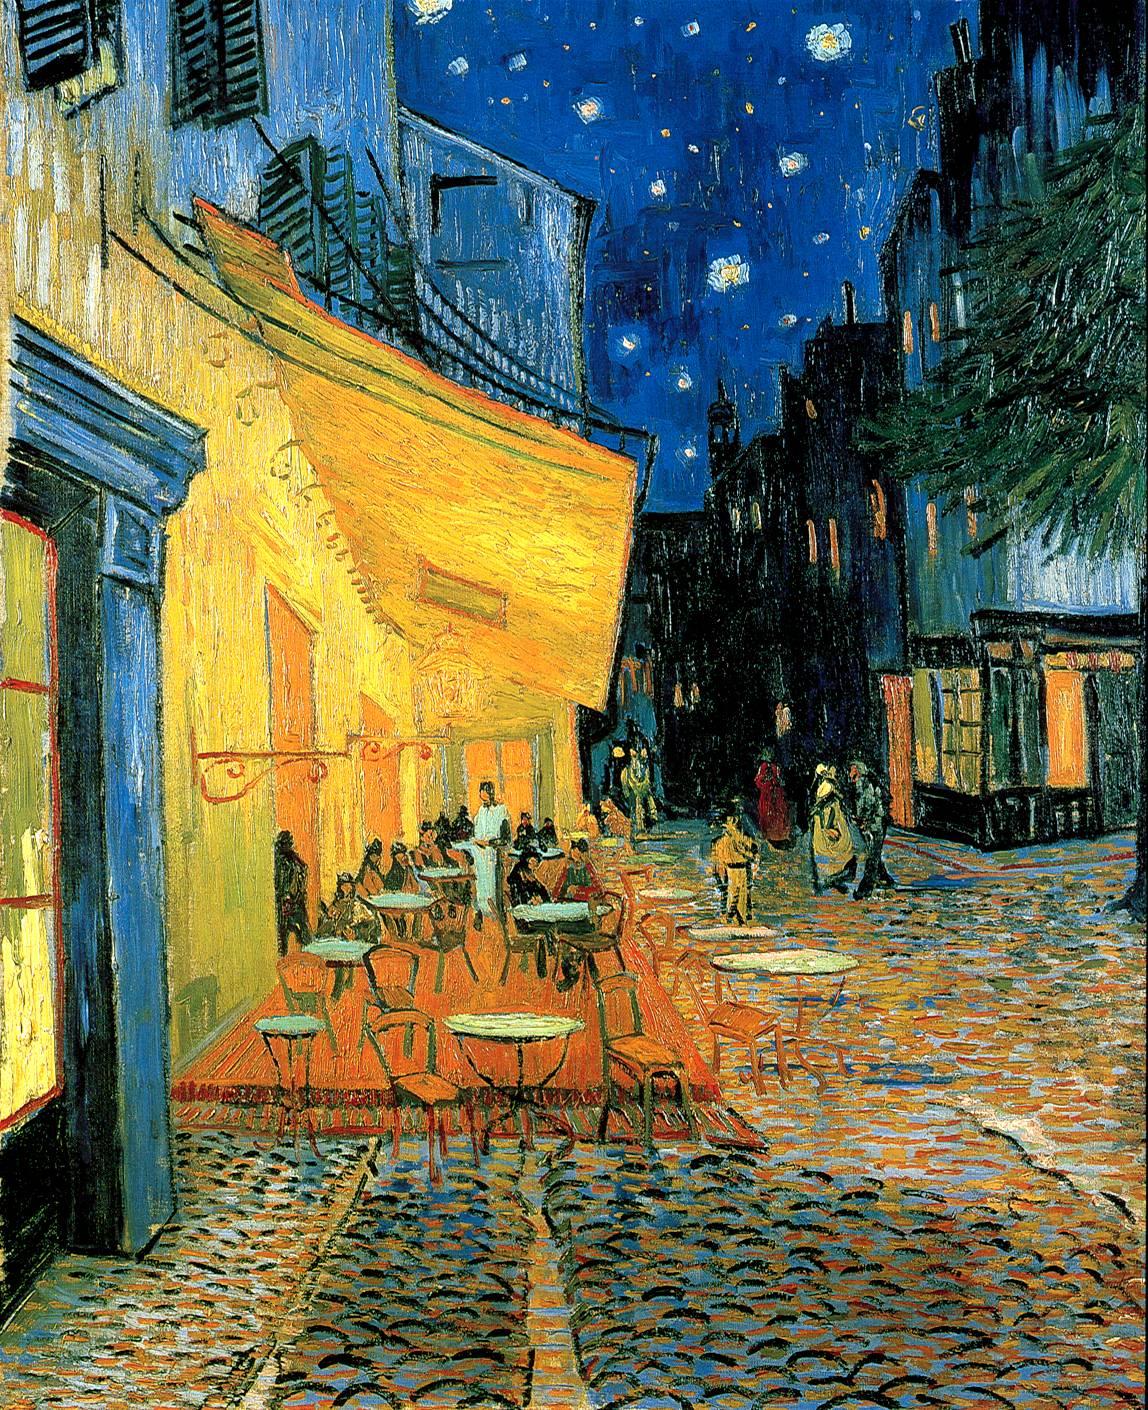 Vincent van gogh caf terrasse am abend kunst malen k nstler - Koude en warme kleur ...